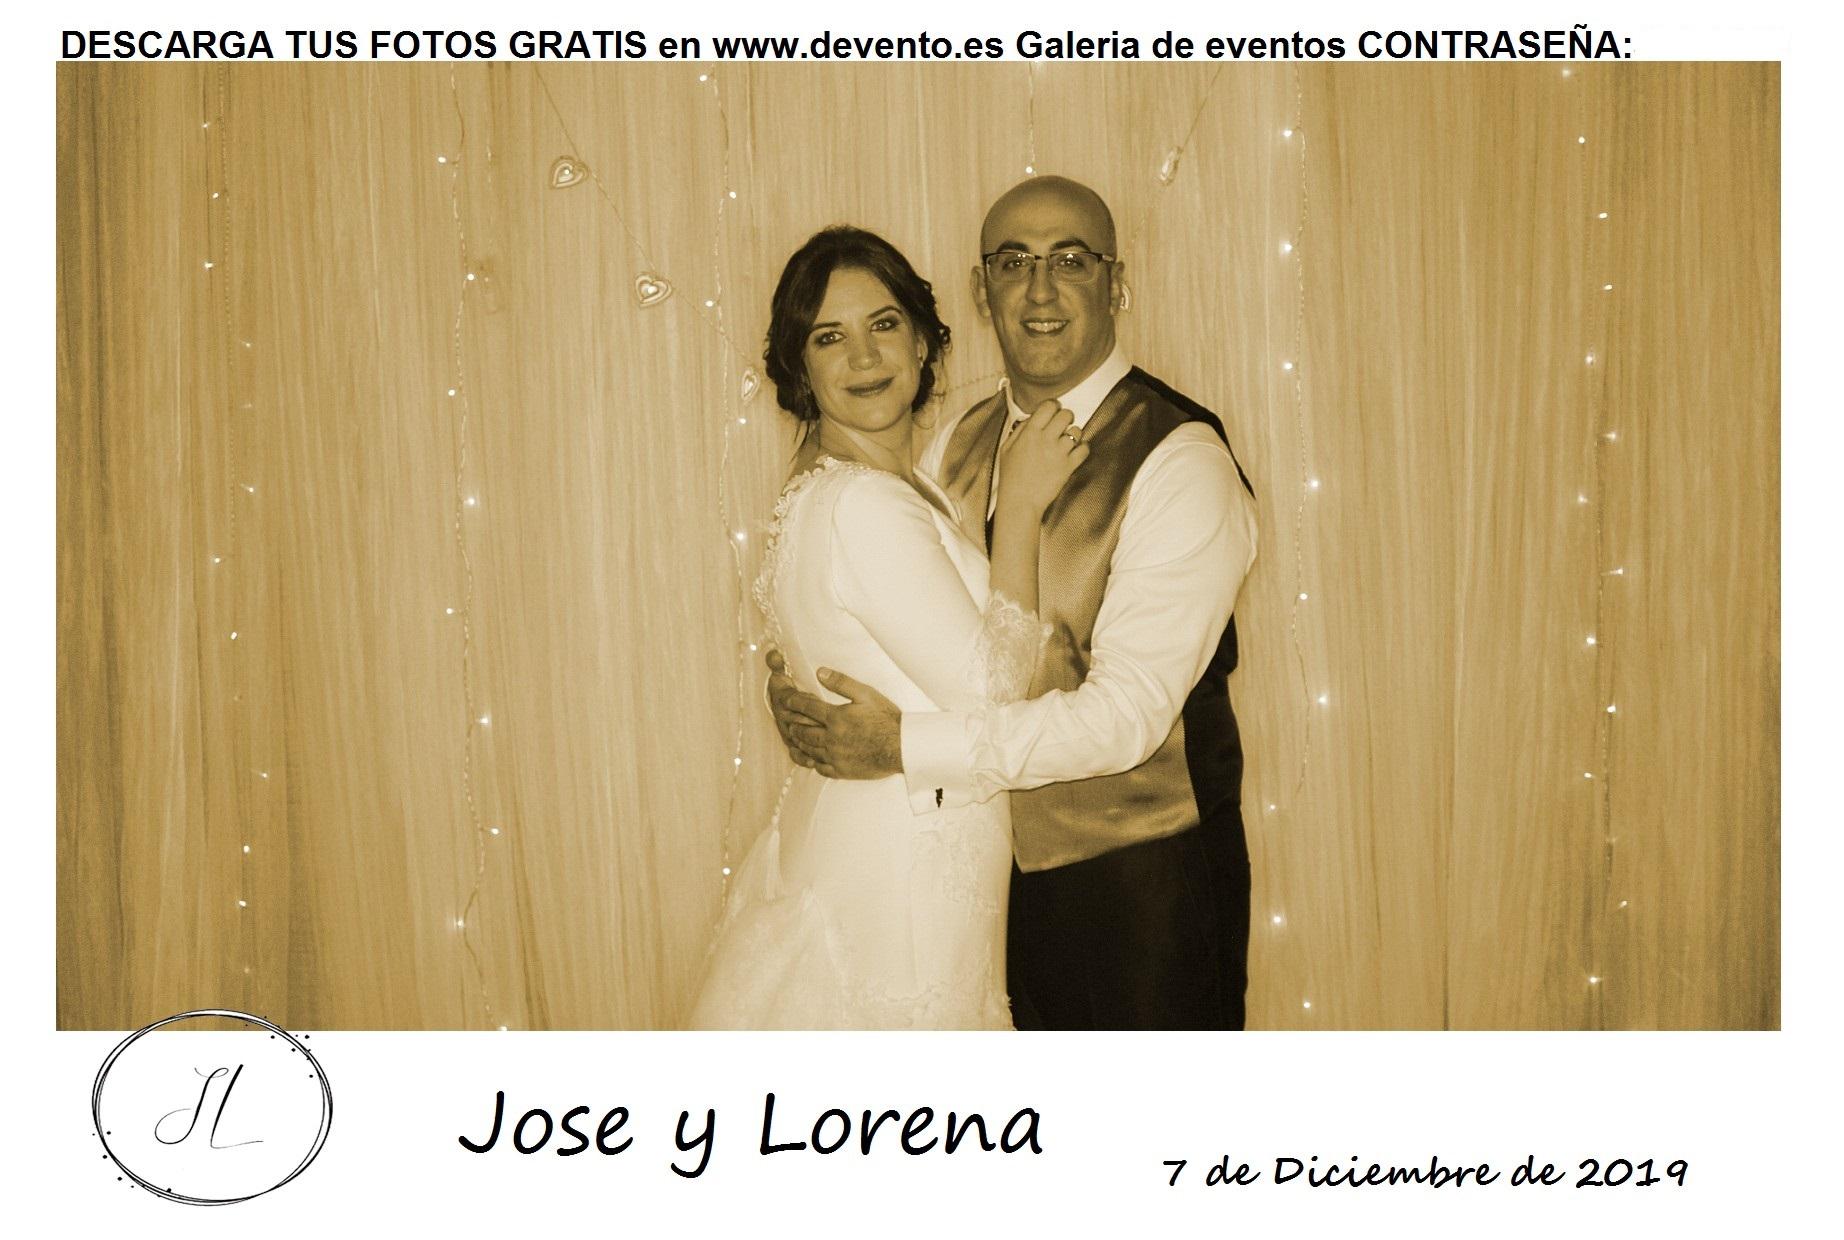 JOSE Y LORENA